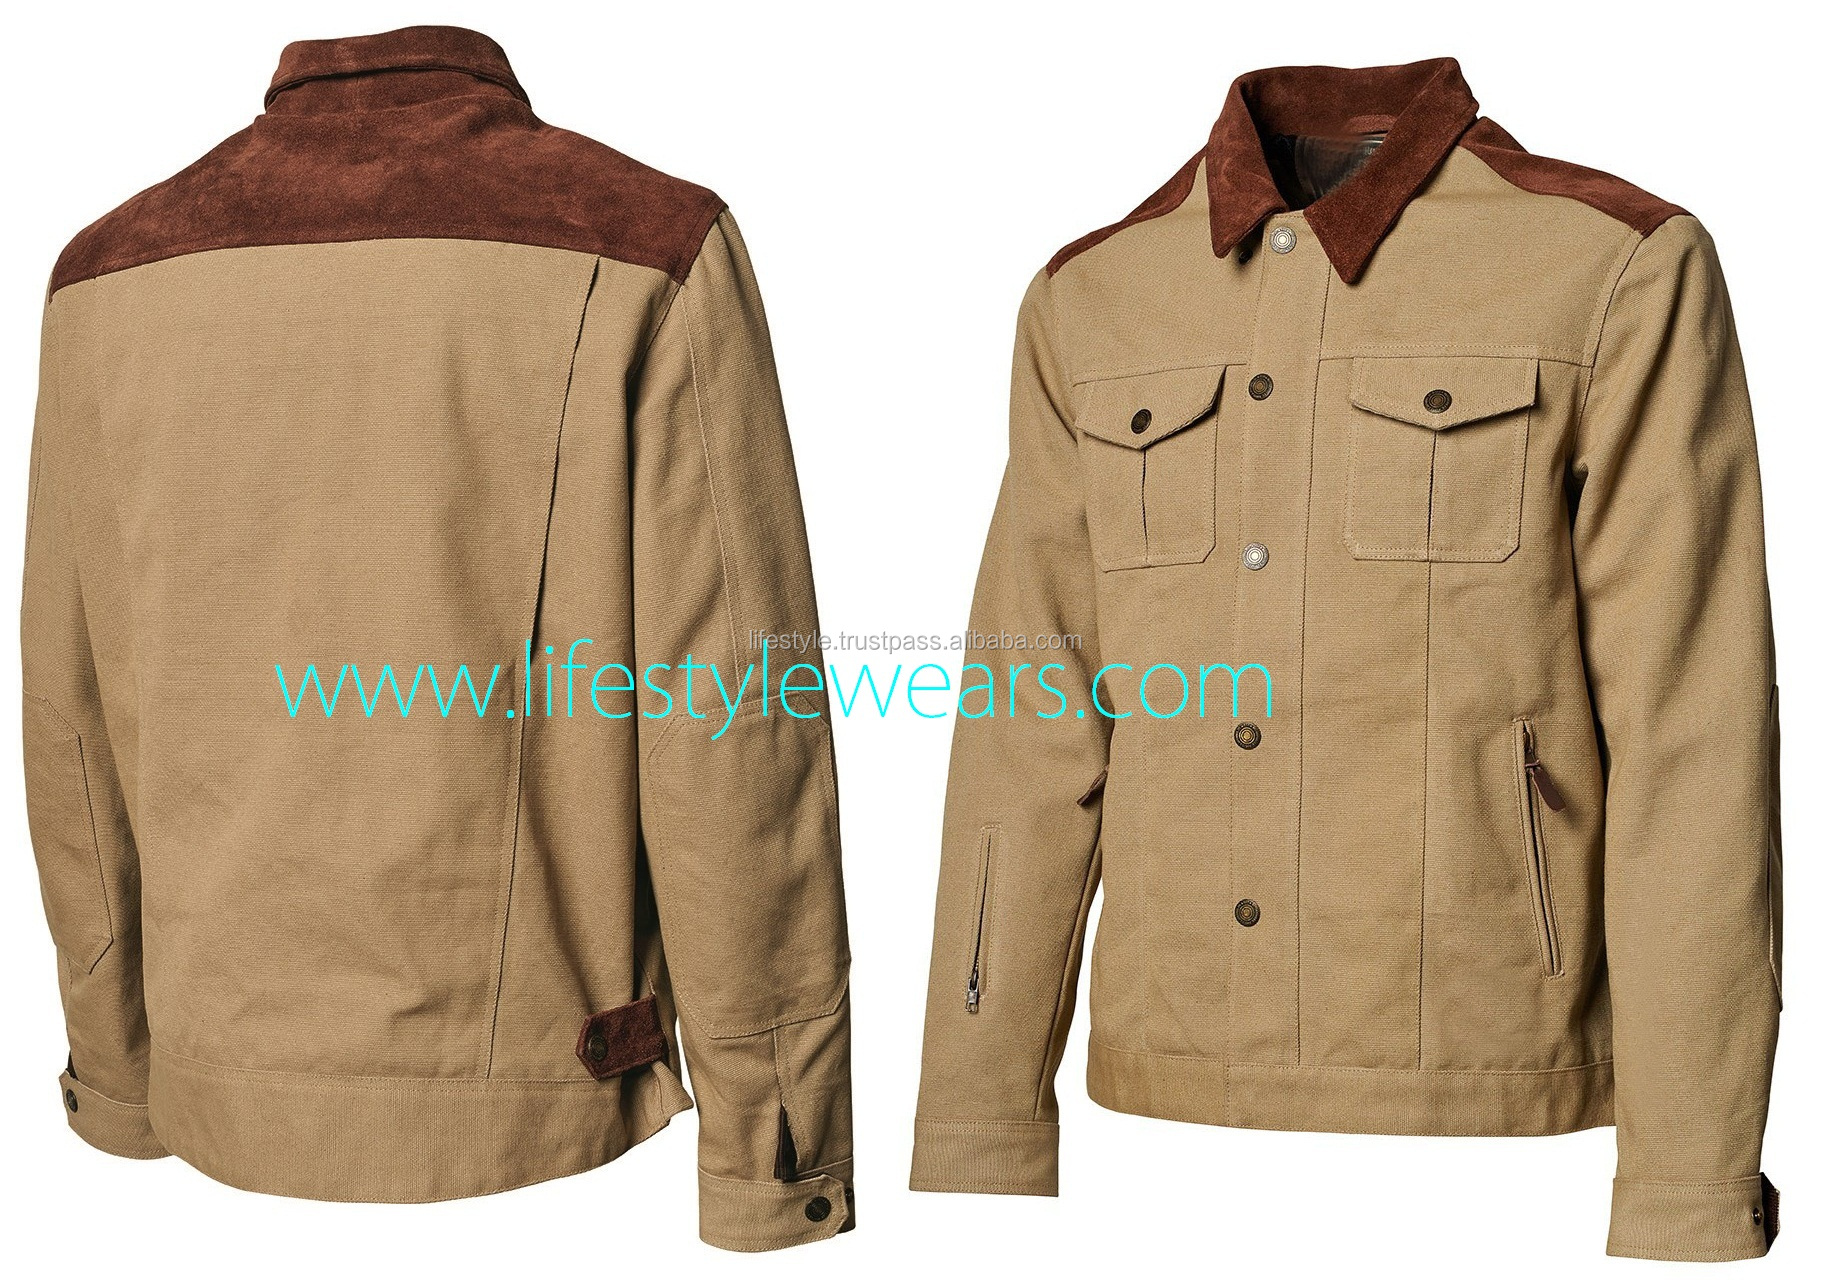 ผ้าใบธรรมดาแจ็คเก็ตคลุมด้วยผ้าแจ็คเก็ตผ้าใบ